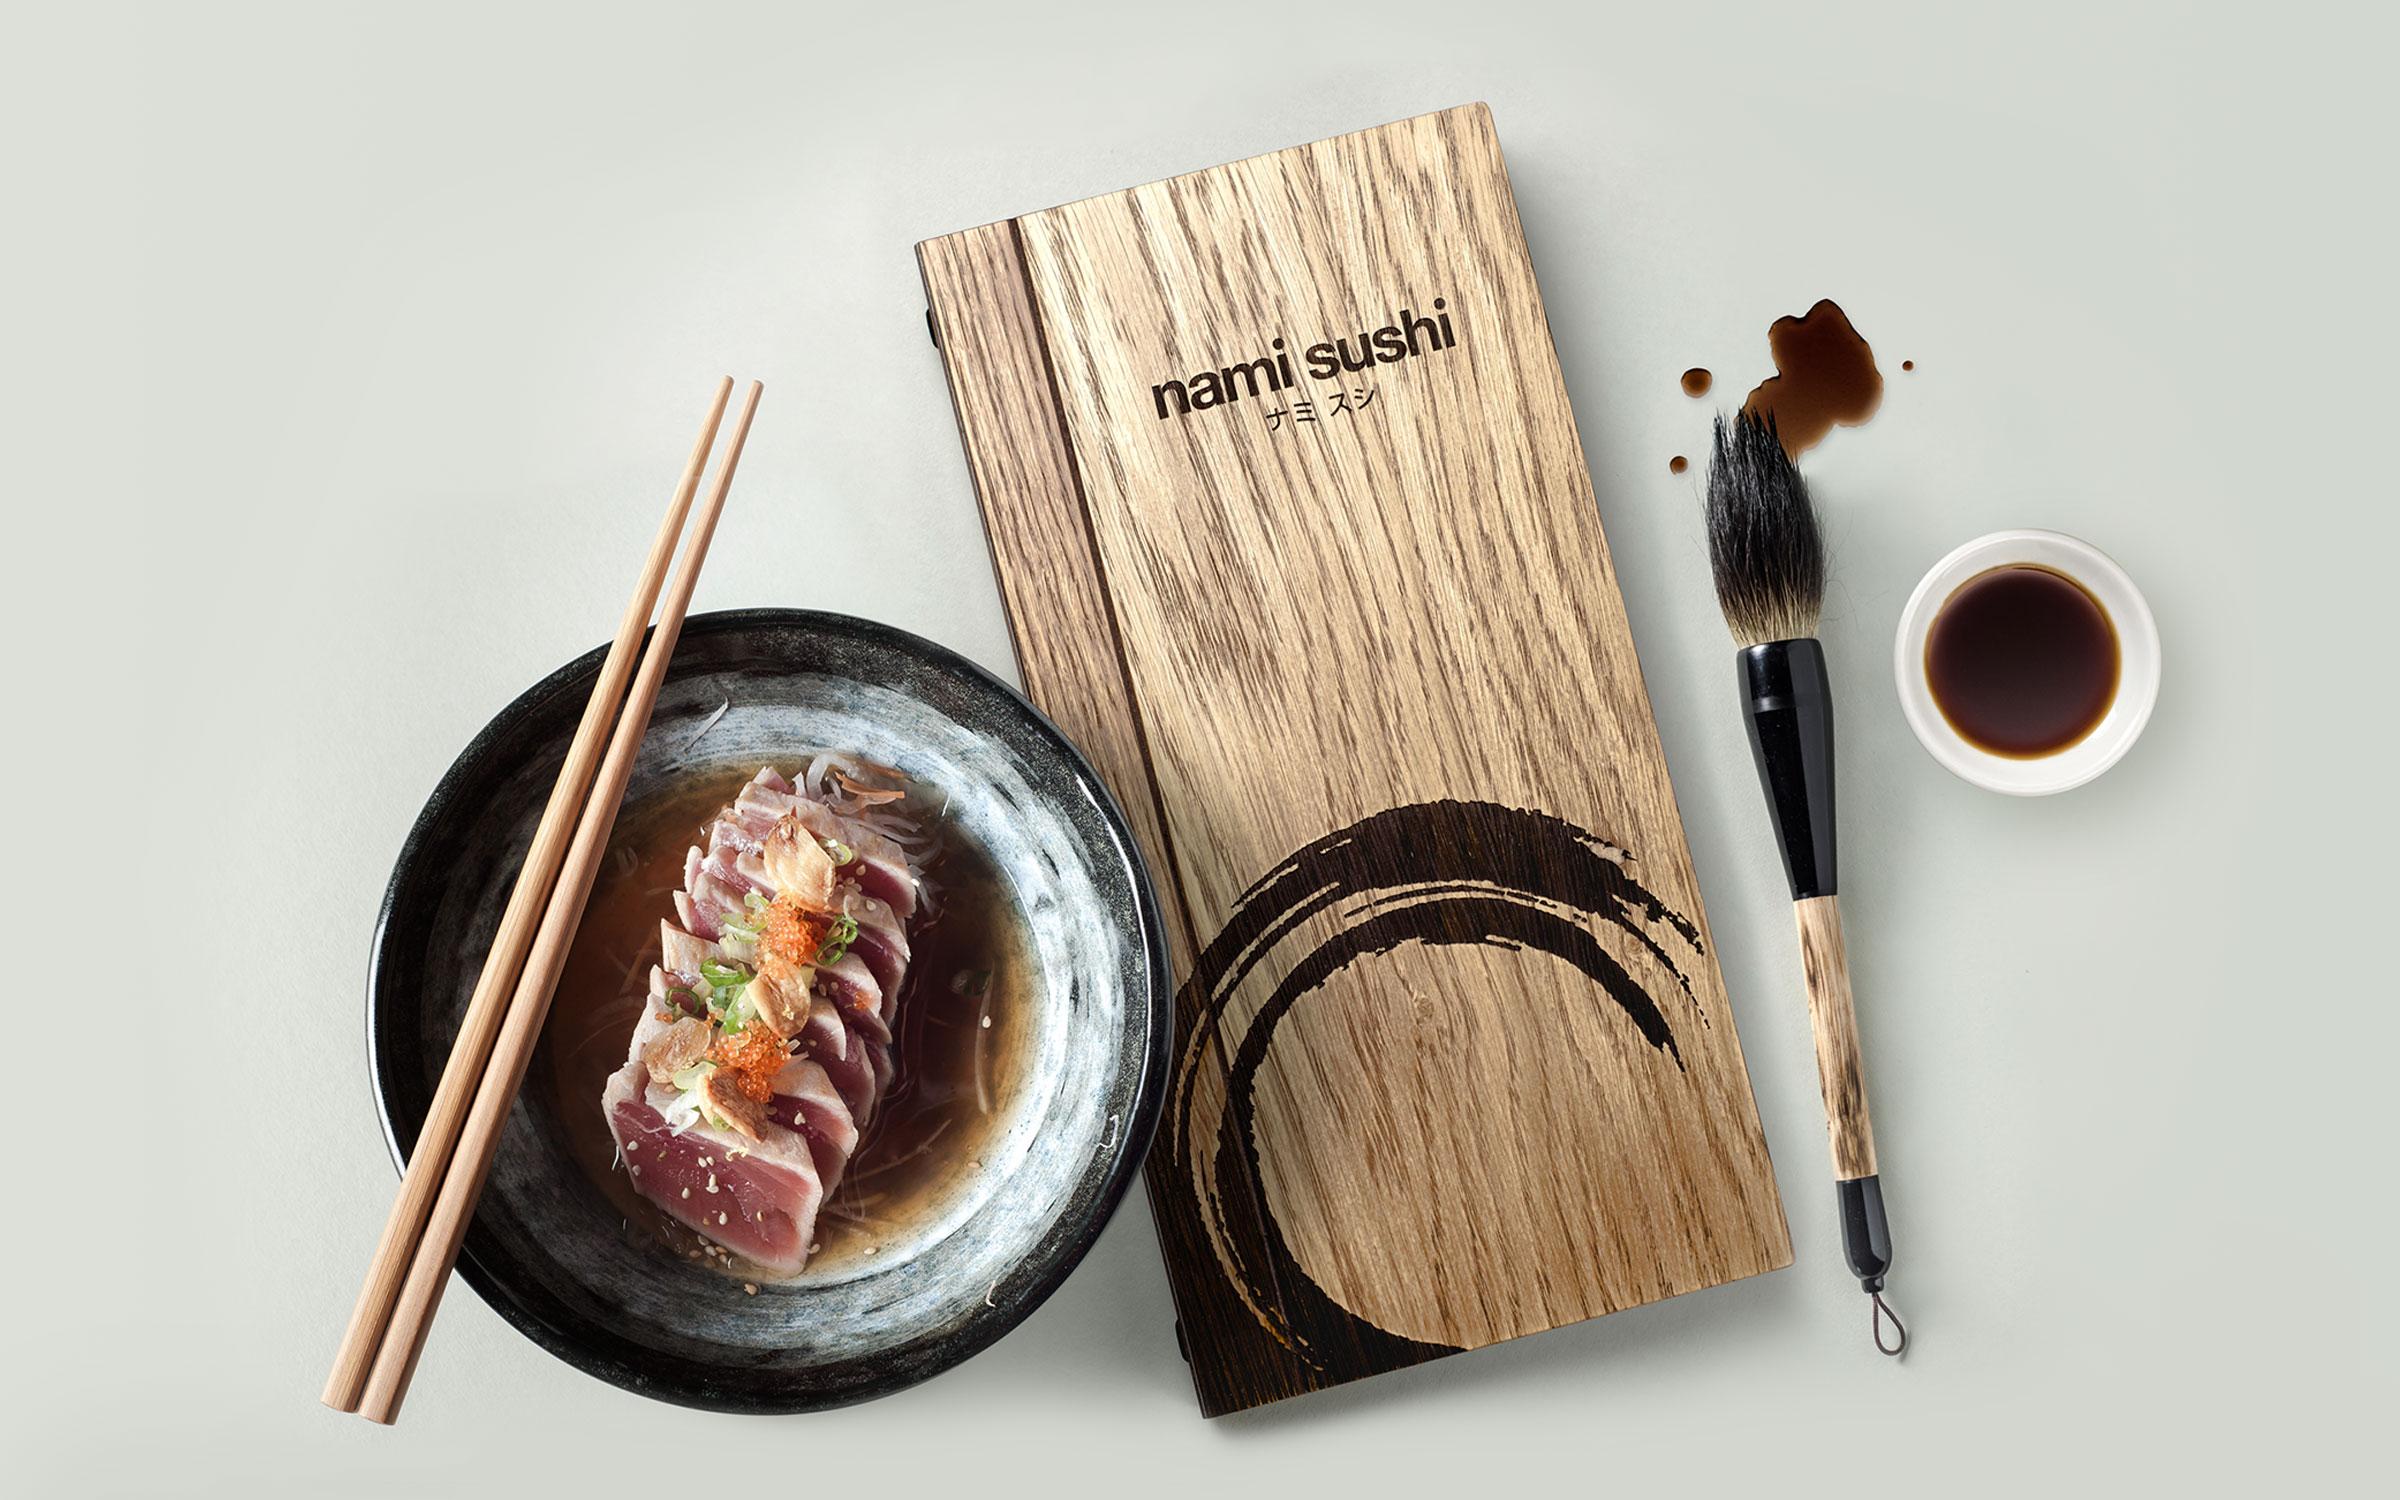 Nami Sushi